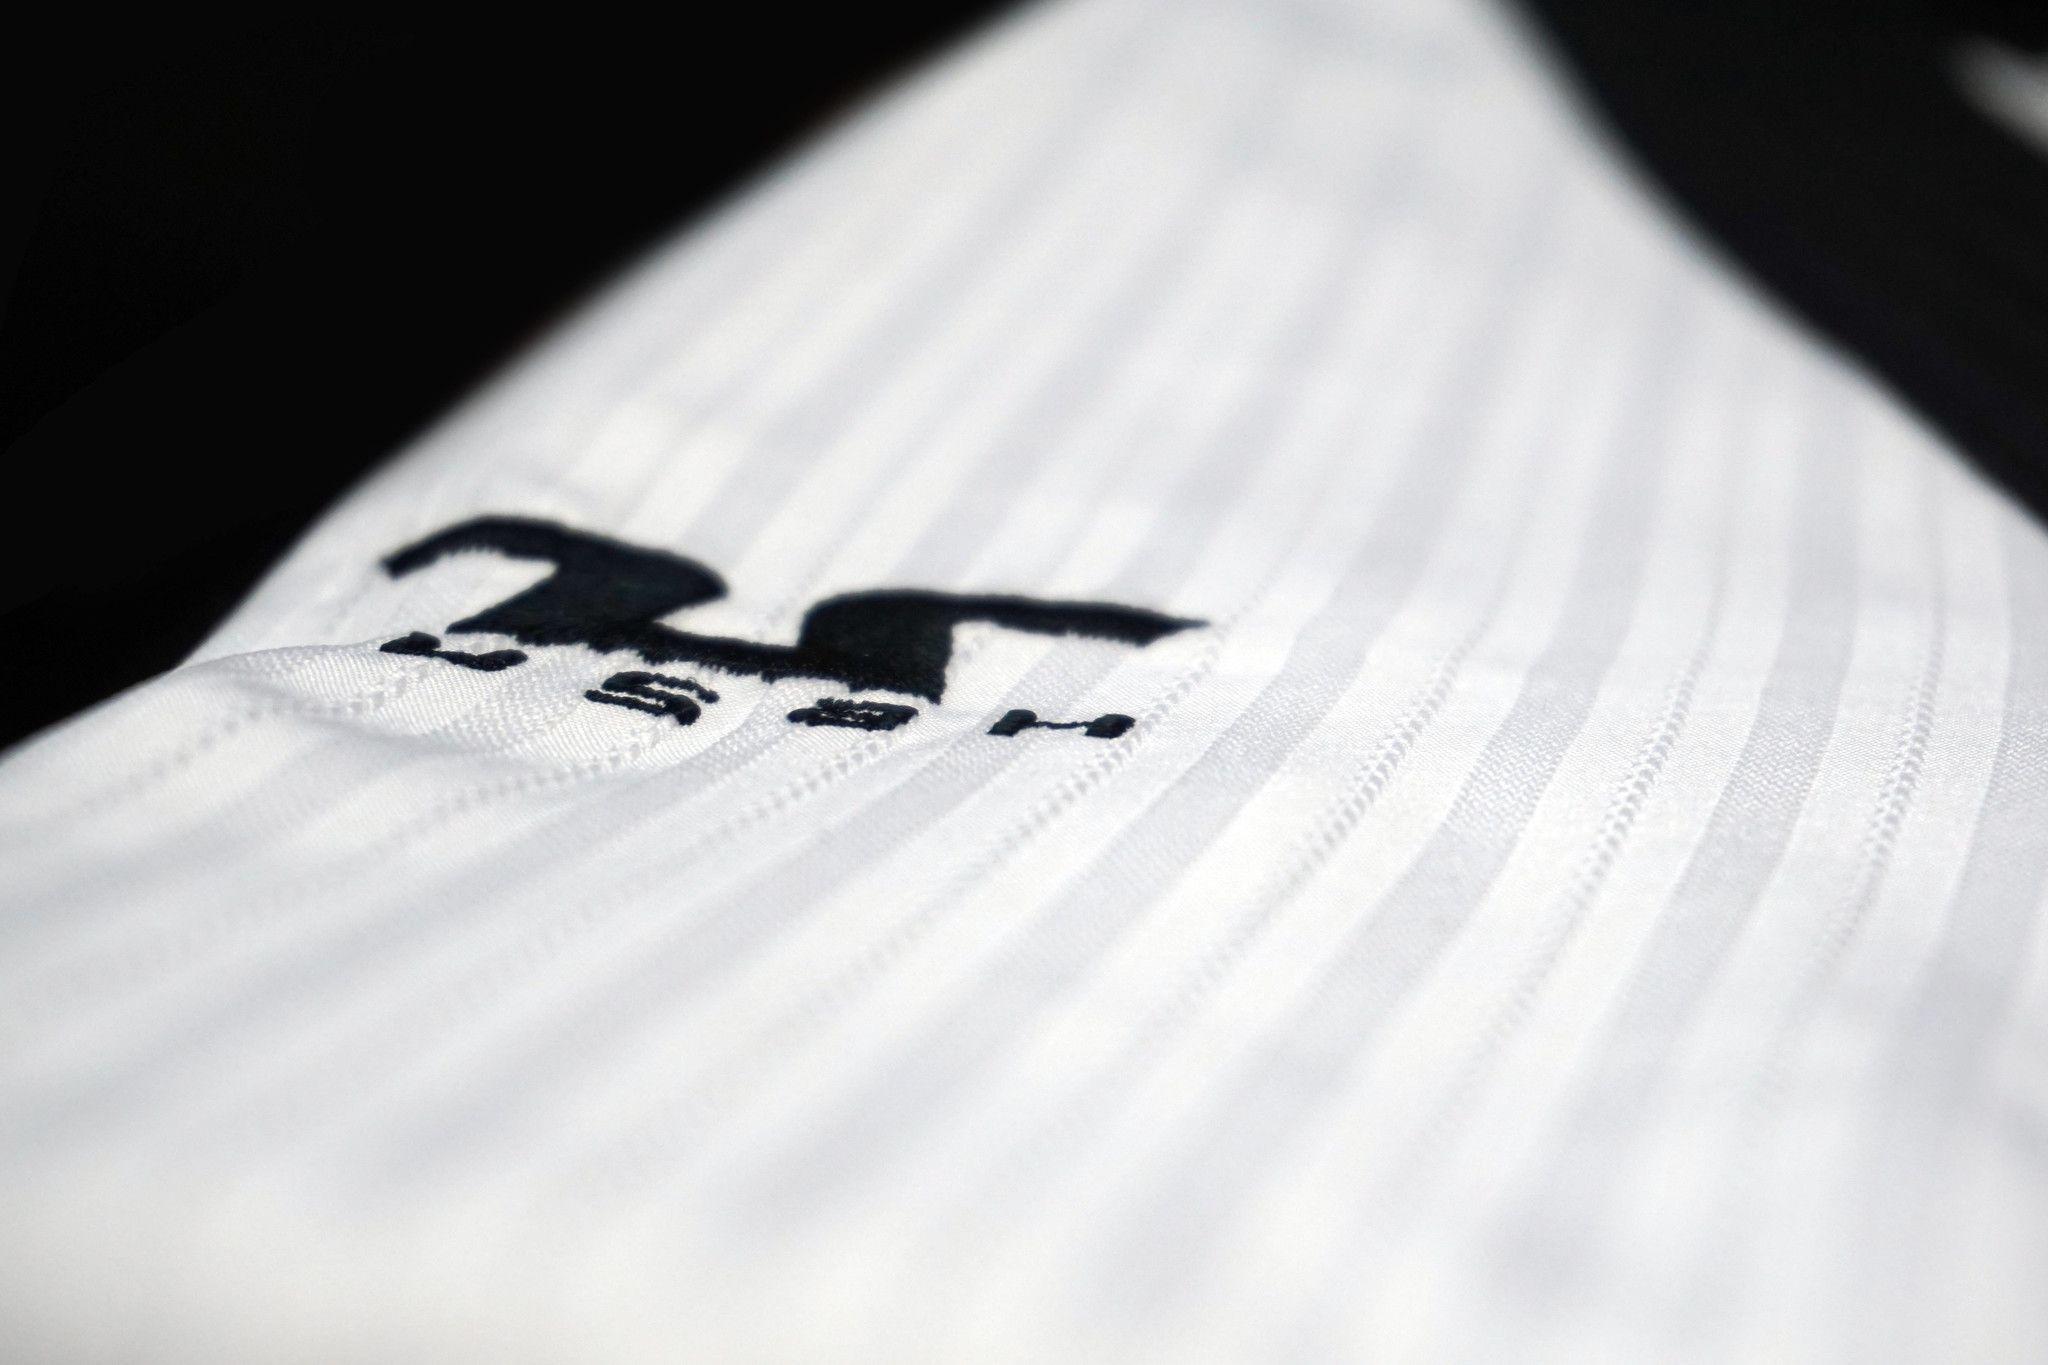 Tusah - Dobok Premium Fighter Ultraleggero per Taekwondo Omologato WT